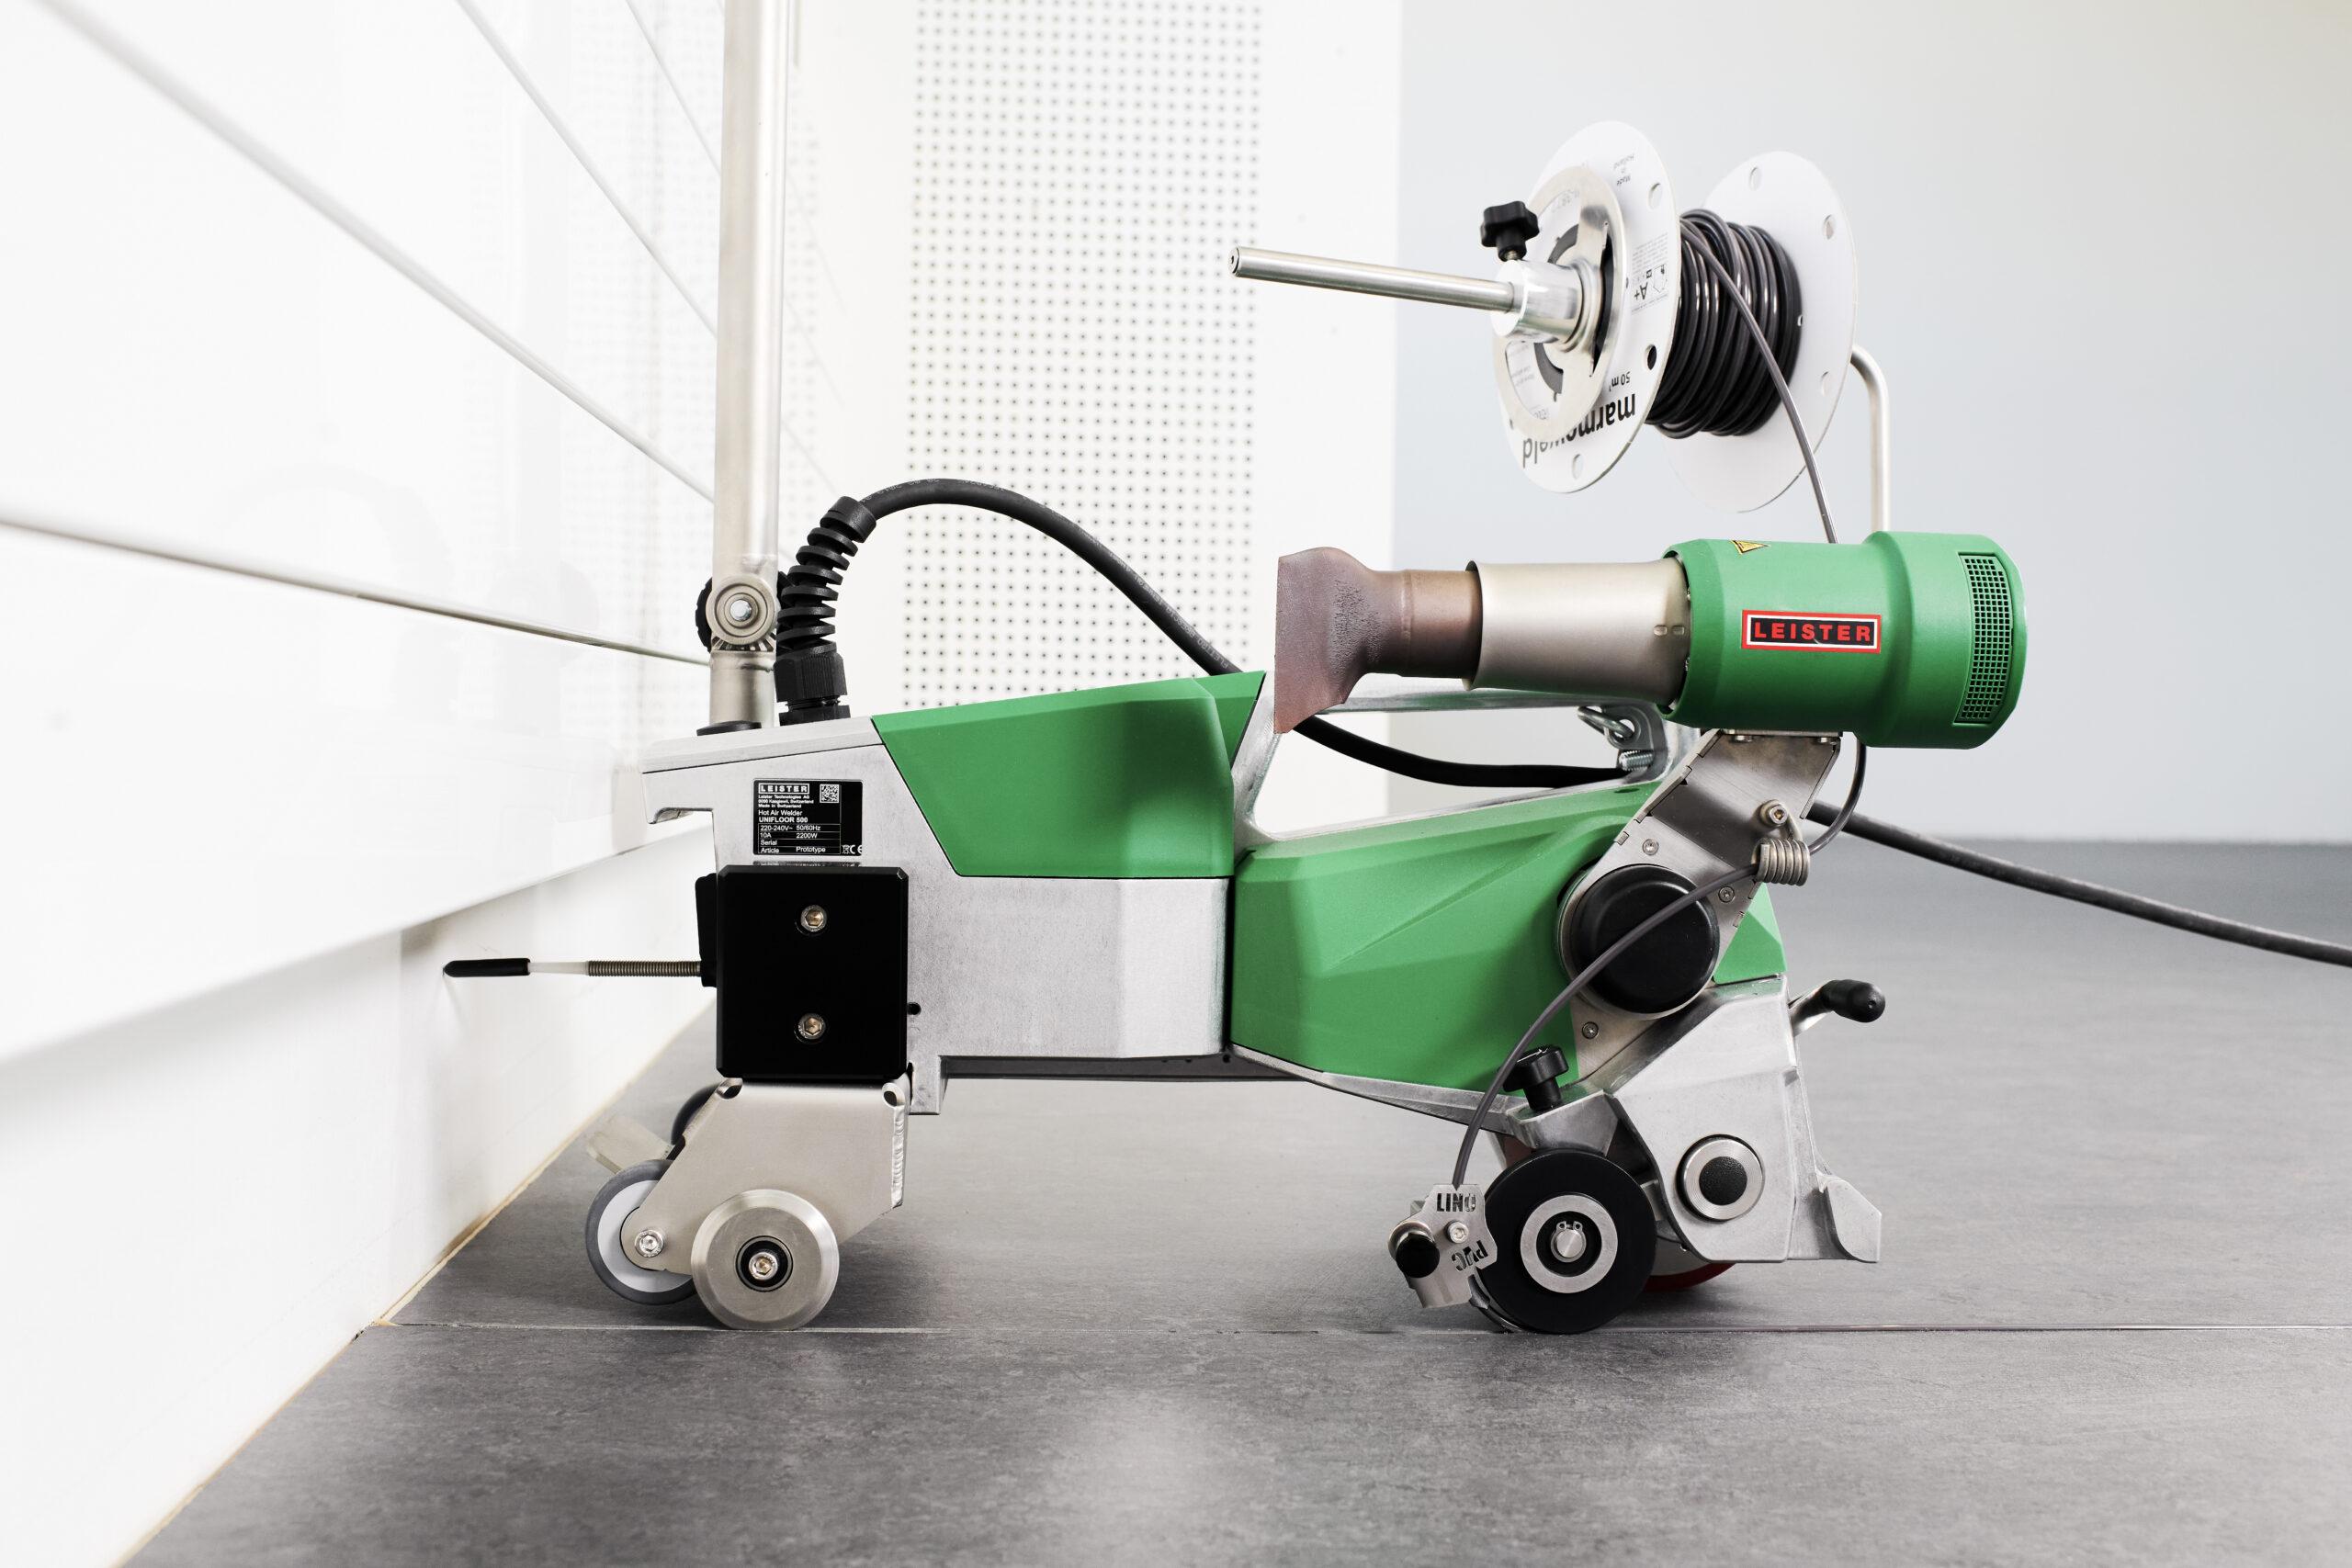 Automatyczne przerywanie spawania. Leister Unifloor 500.